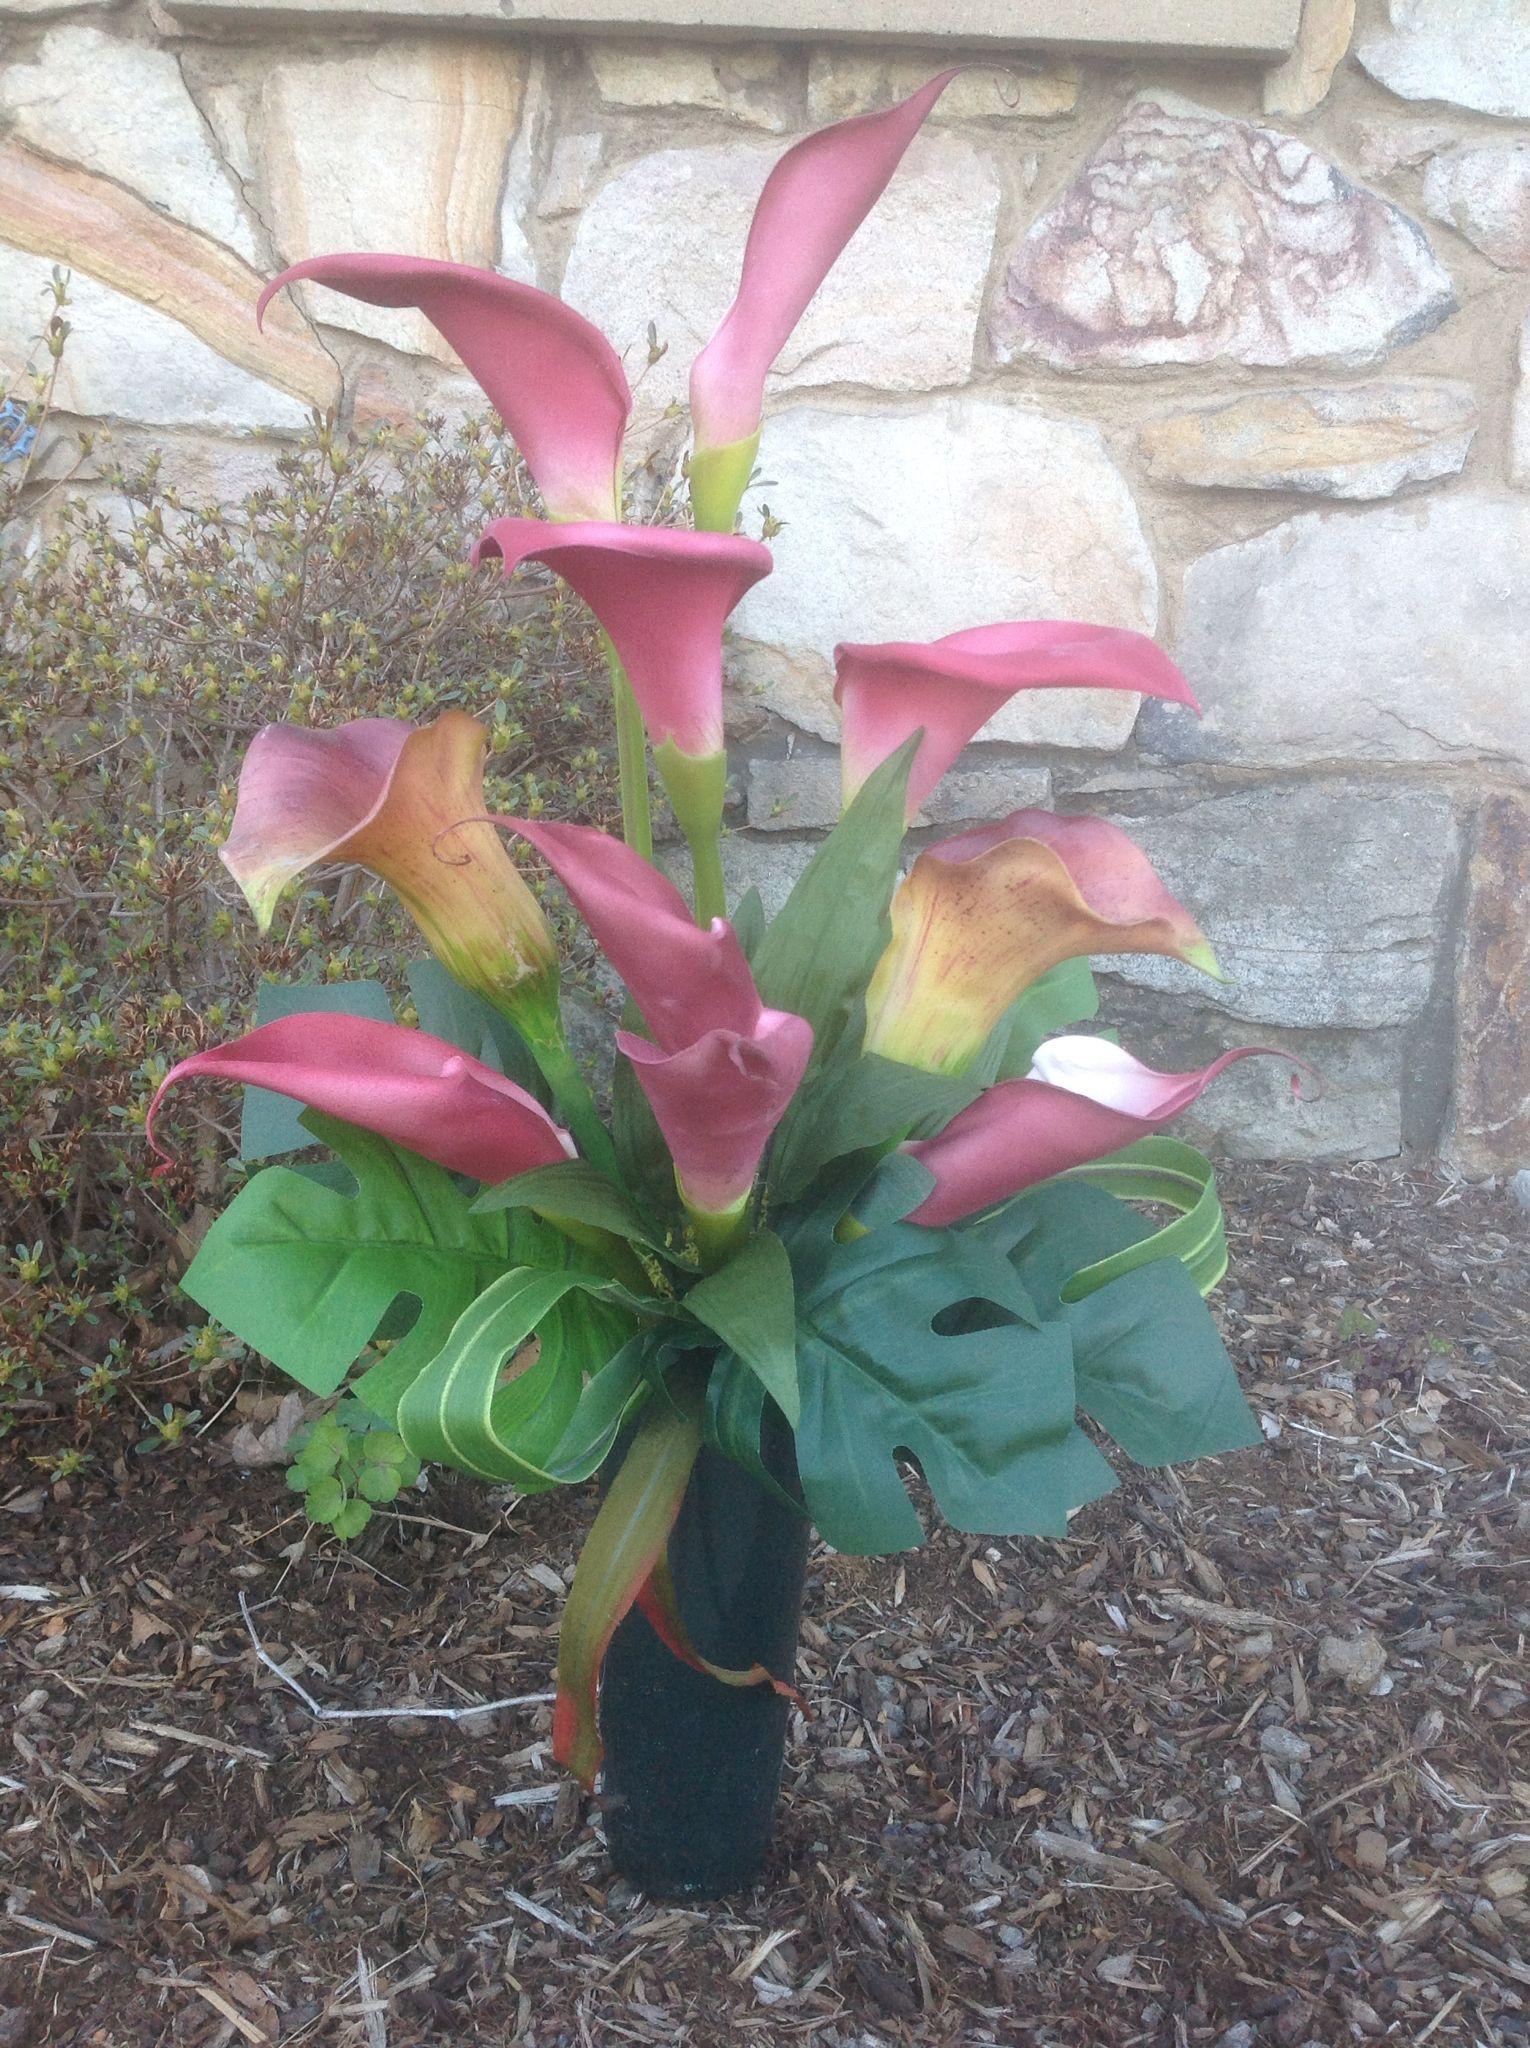 pin cemetery for flower pinterest grave spring vases vase